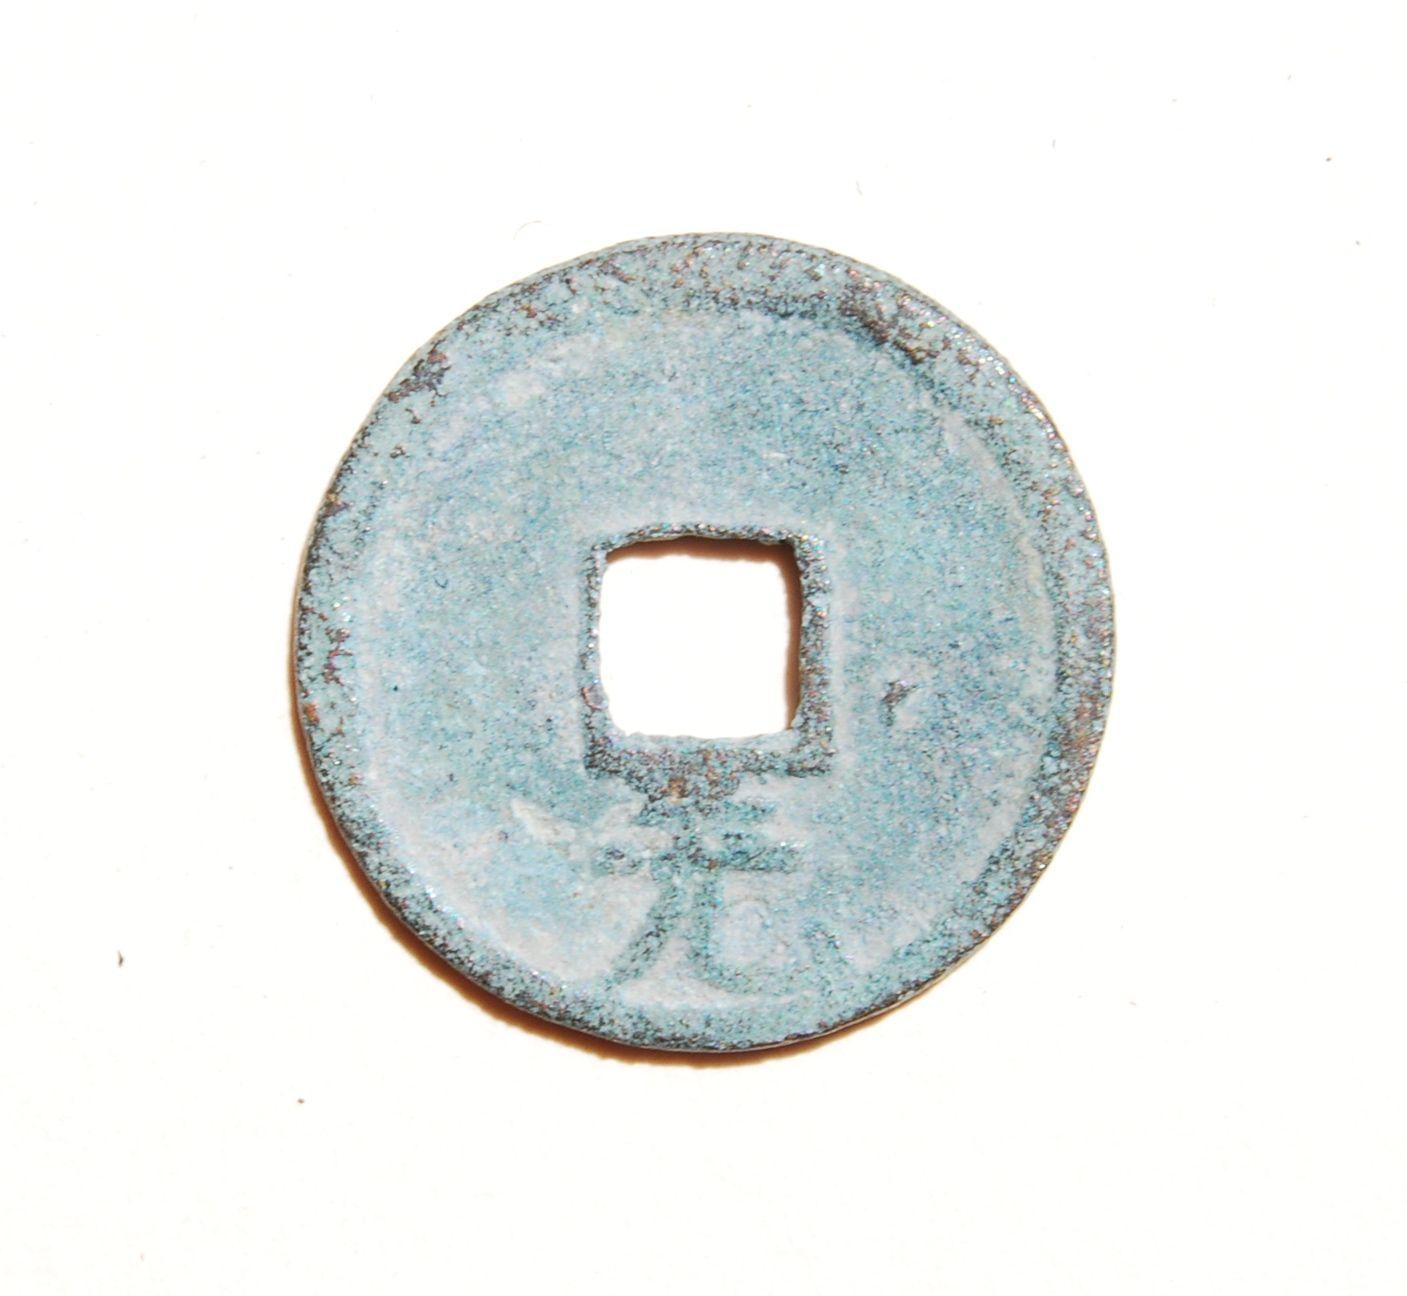 182b. Reverse side of a 'Shao Xi Yuan Bao' (紹熙元寶) 2 cash coin ...